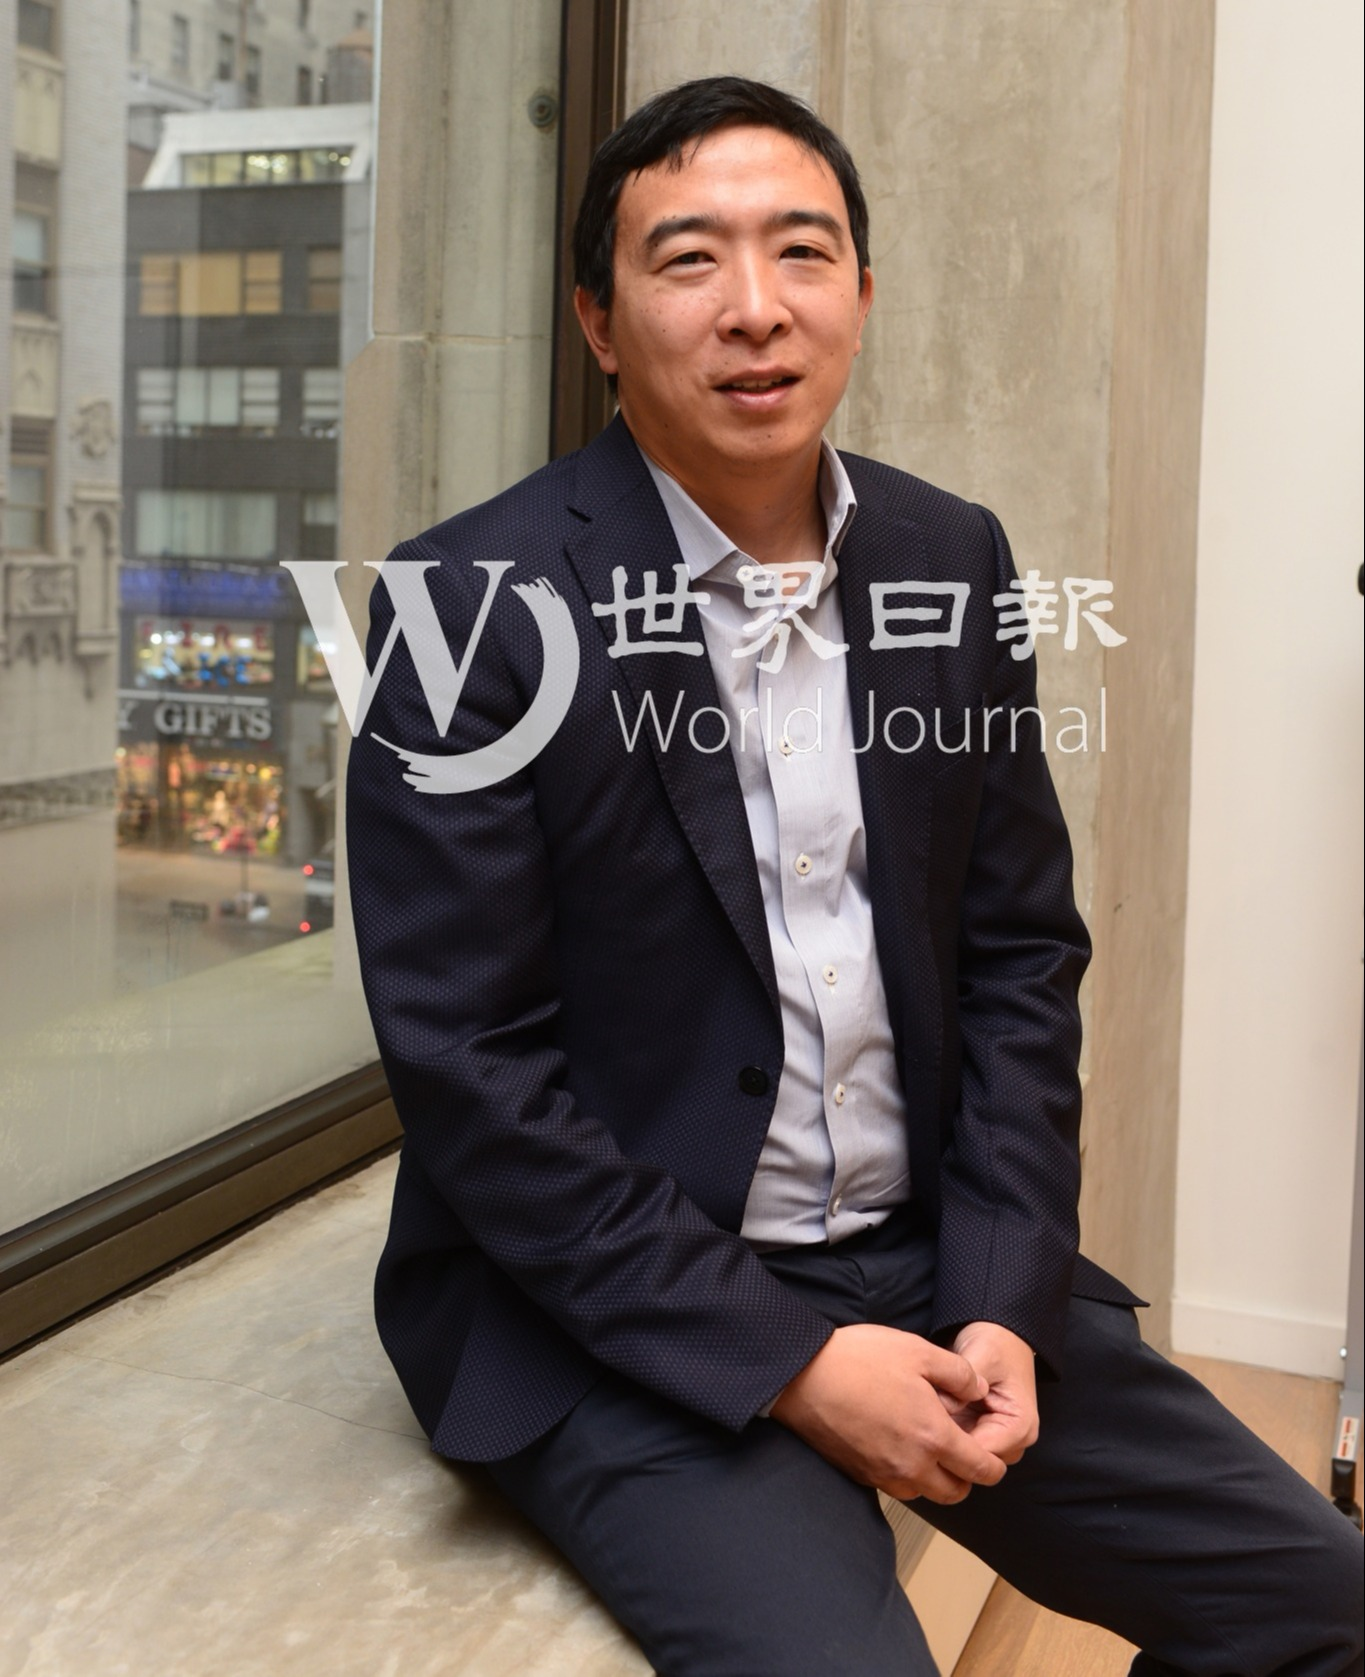 宣布爭取民主黨提名參選2020年美國總統的華裔企業家楊安澤接受世界日報專訪。(特約記者許振輝/攝影)